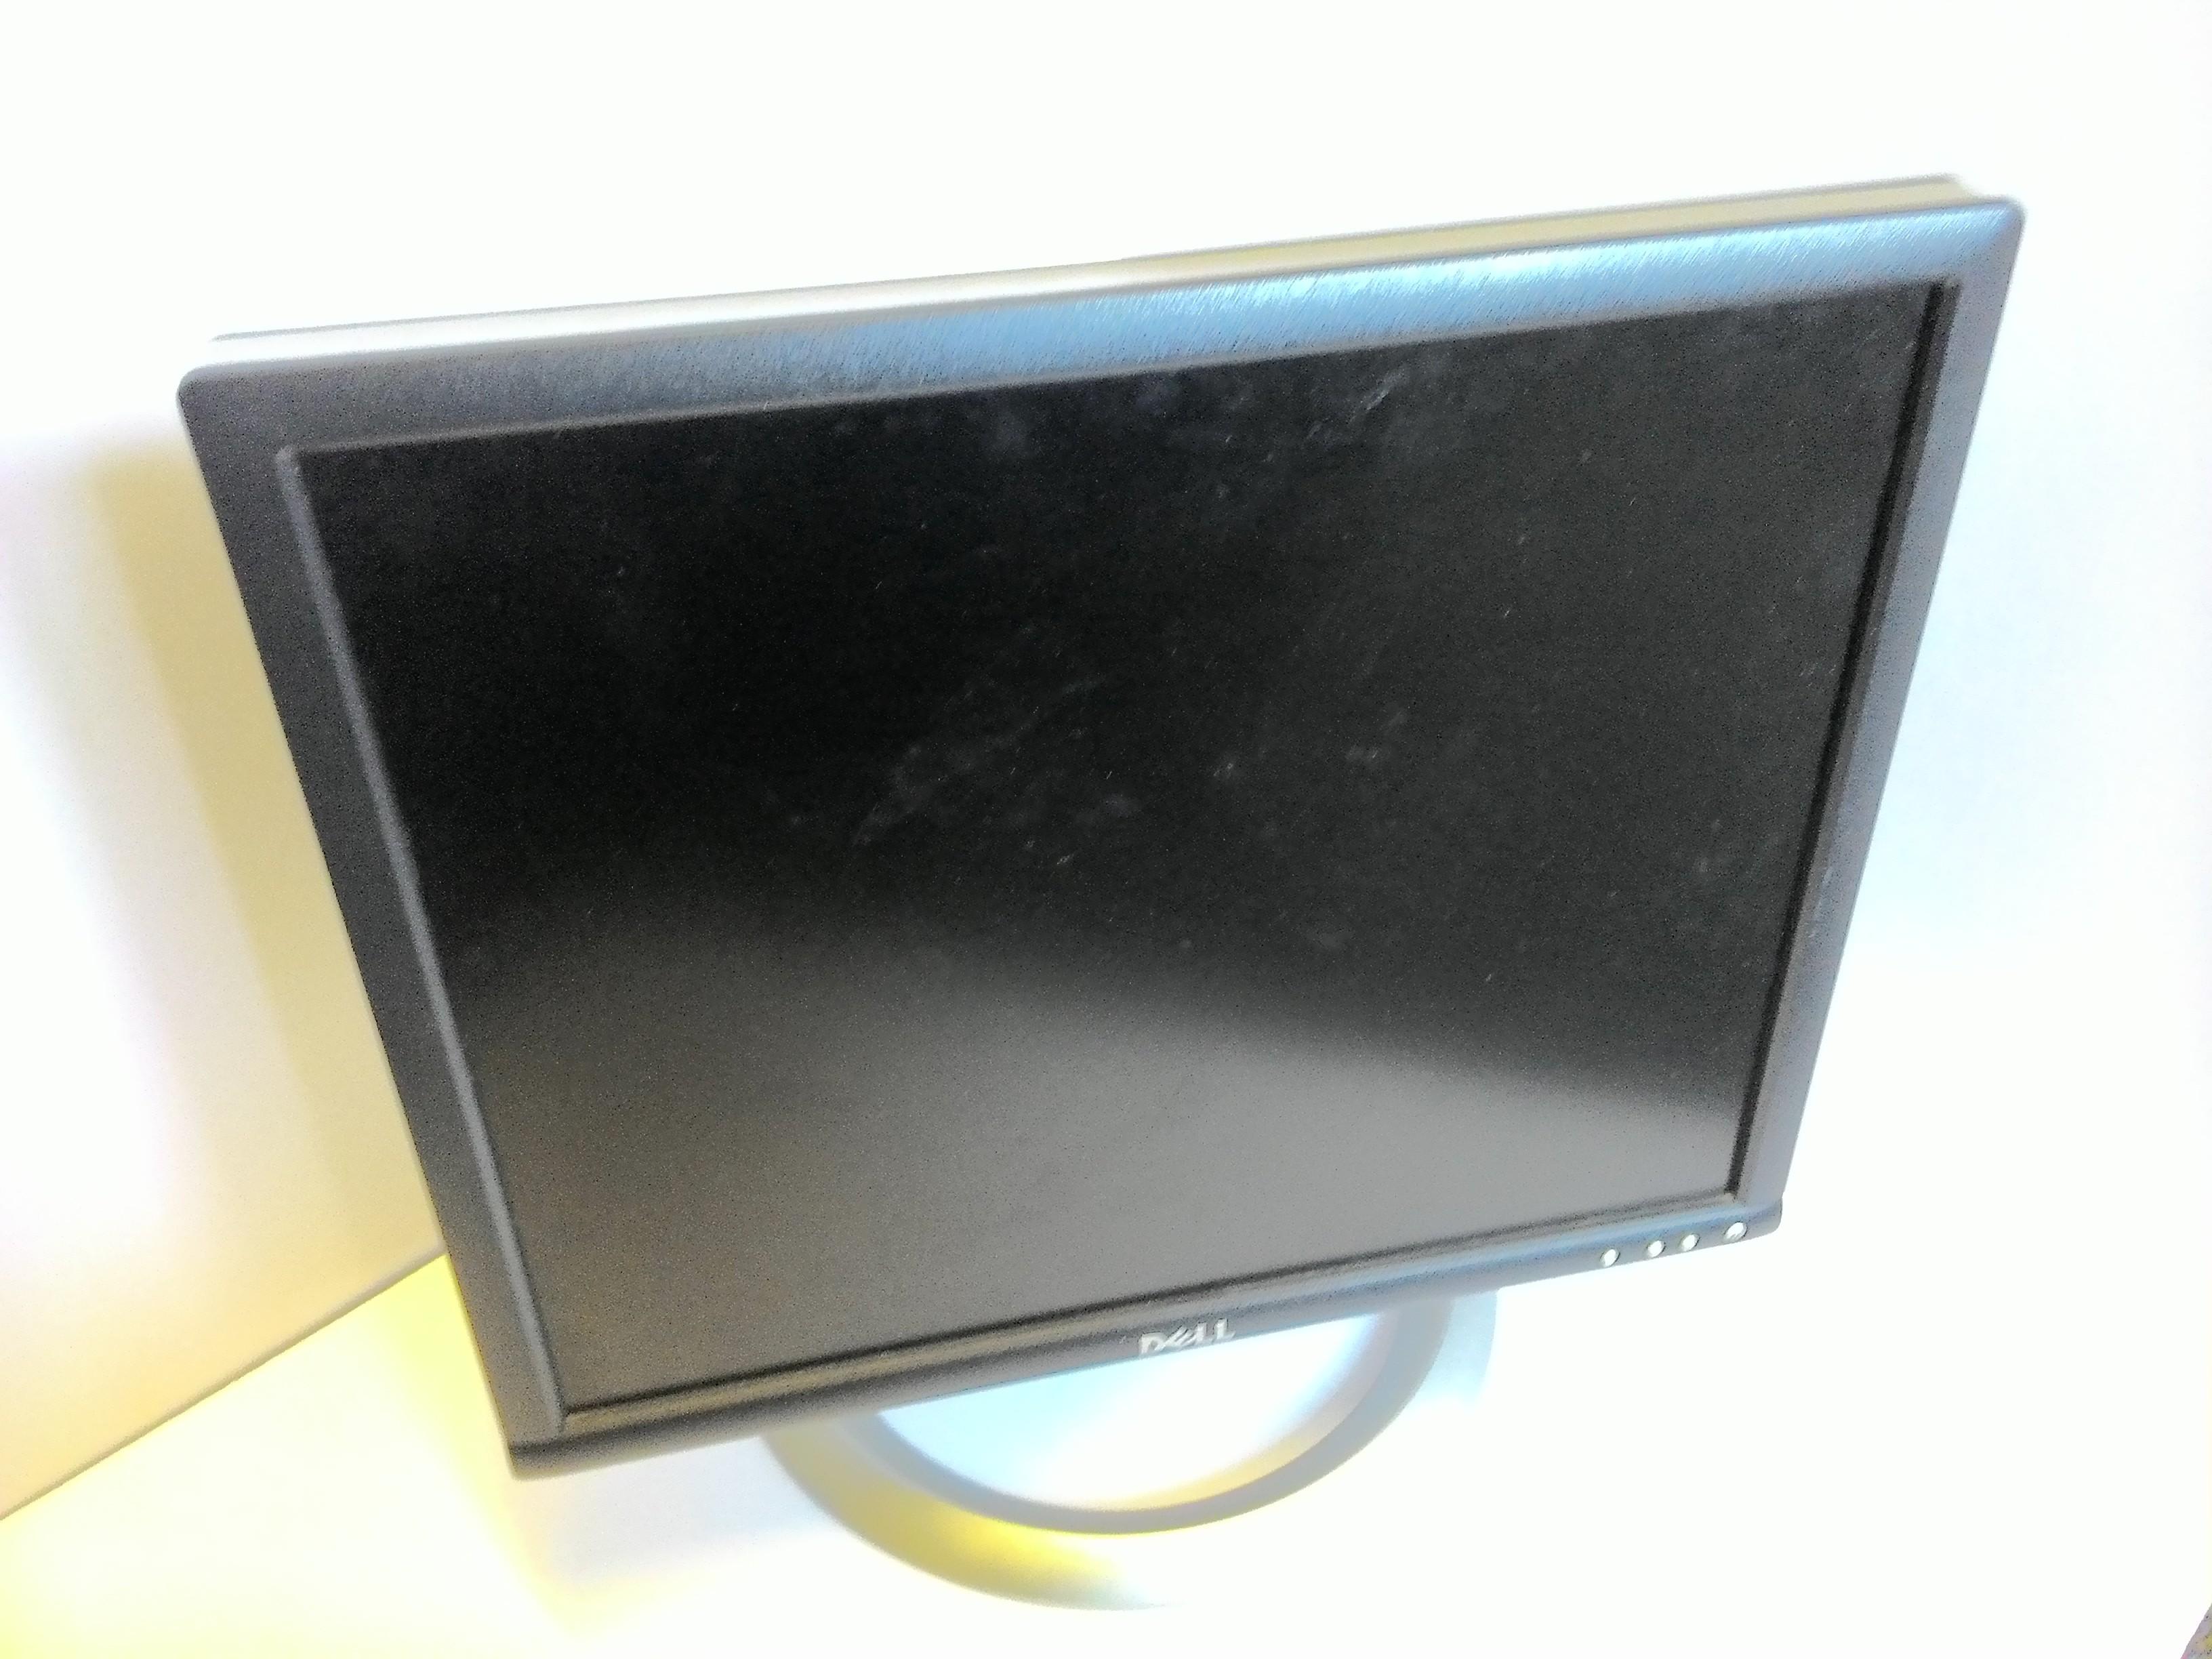 Display Repair Ifixit Desktop Lcd Universal Dell 1905fp Capacitor